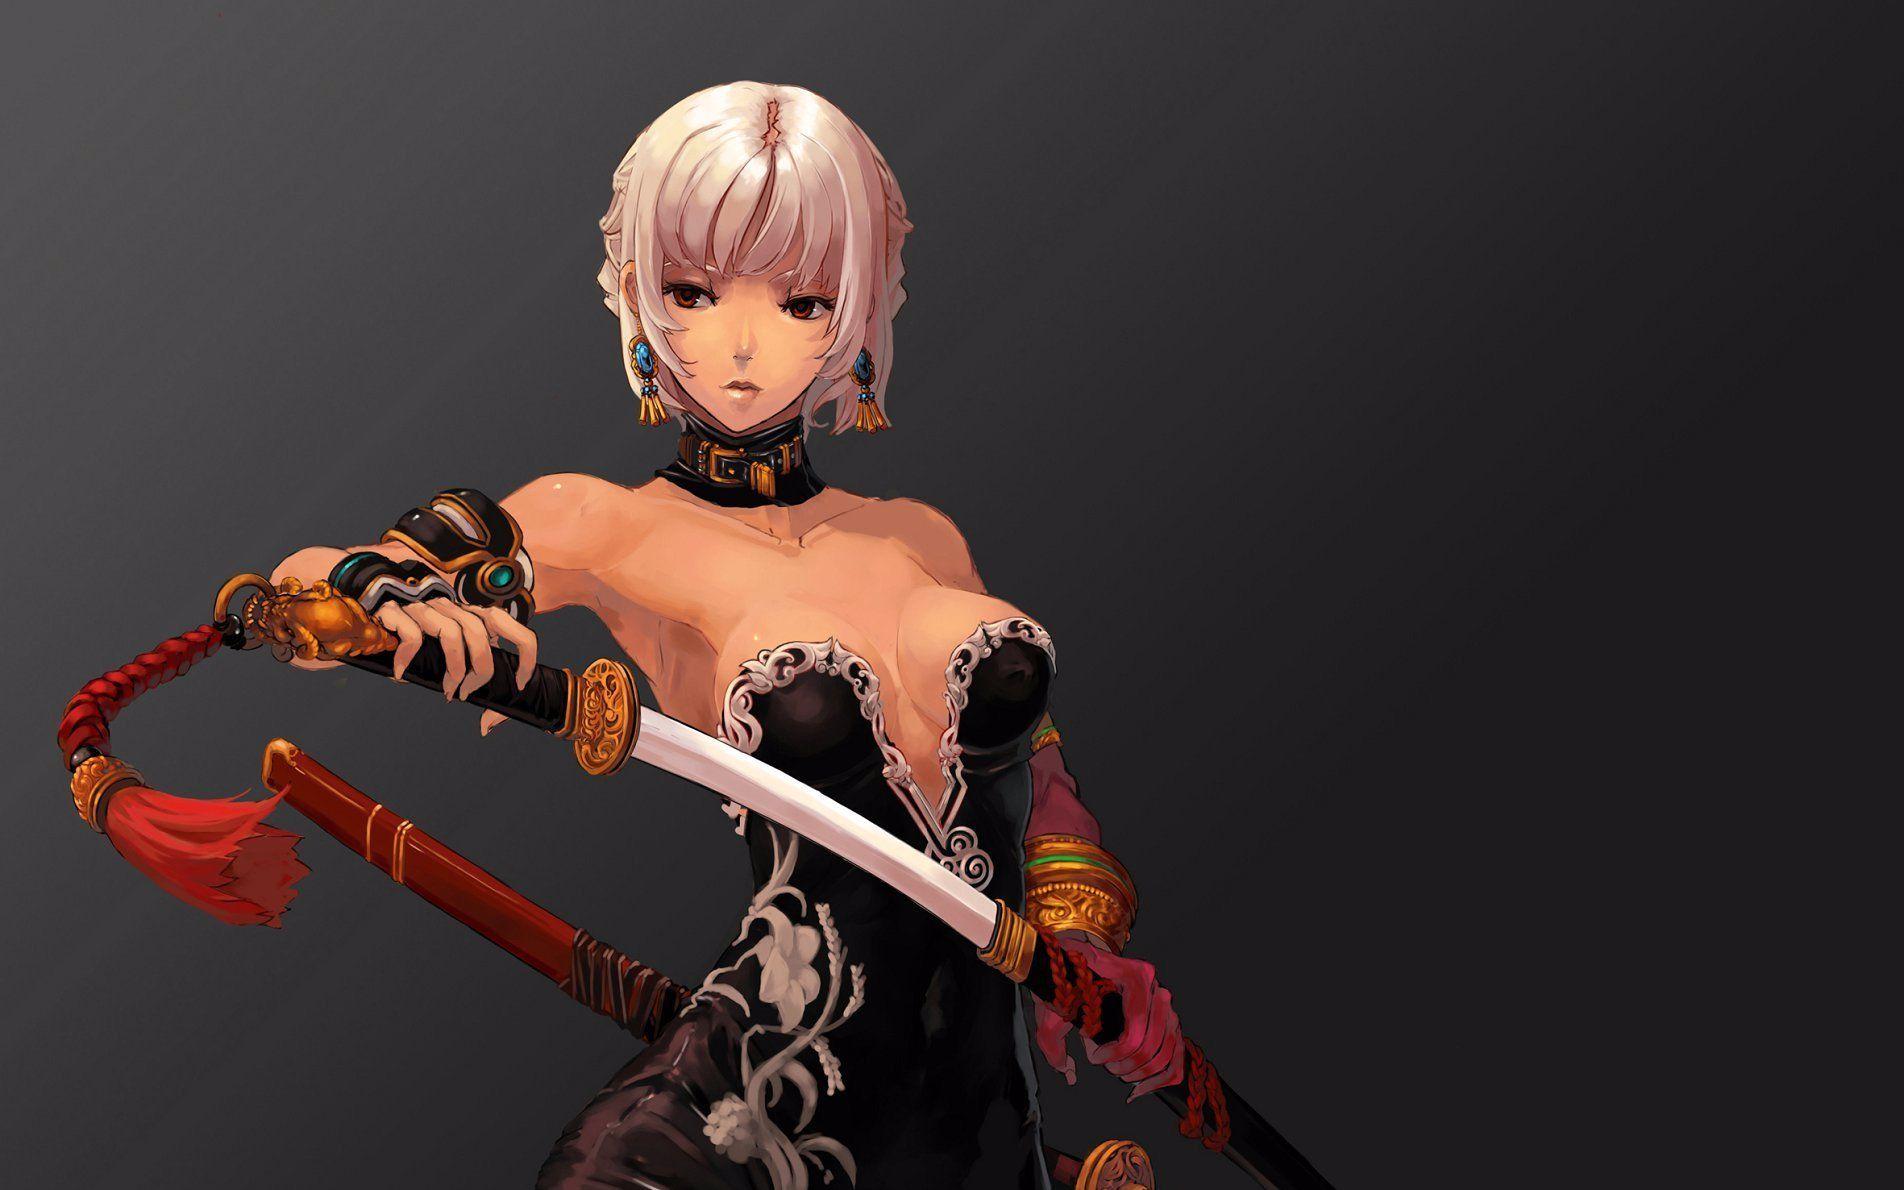 剑神技能带剑补丁_剑宗荣耀之剑表情包_剑宗荣耀之剑表情包分享展示